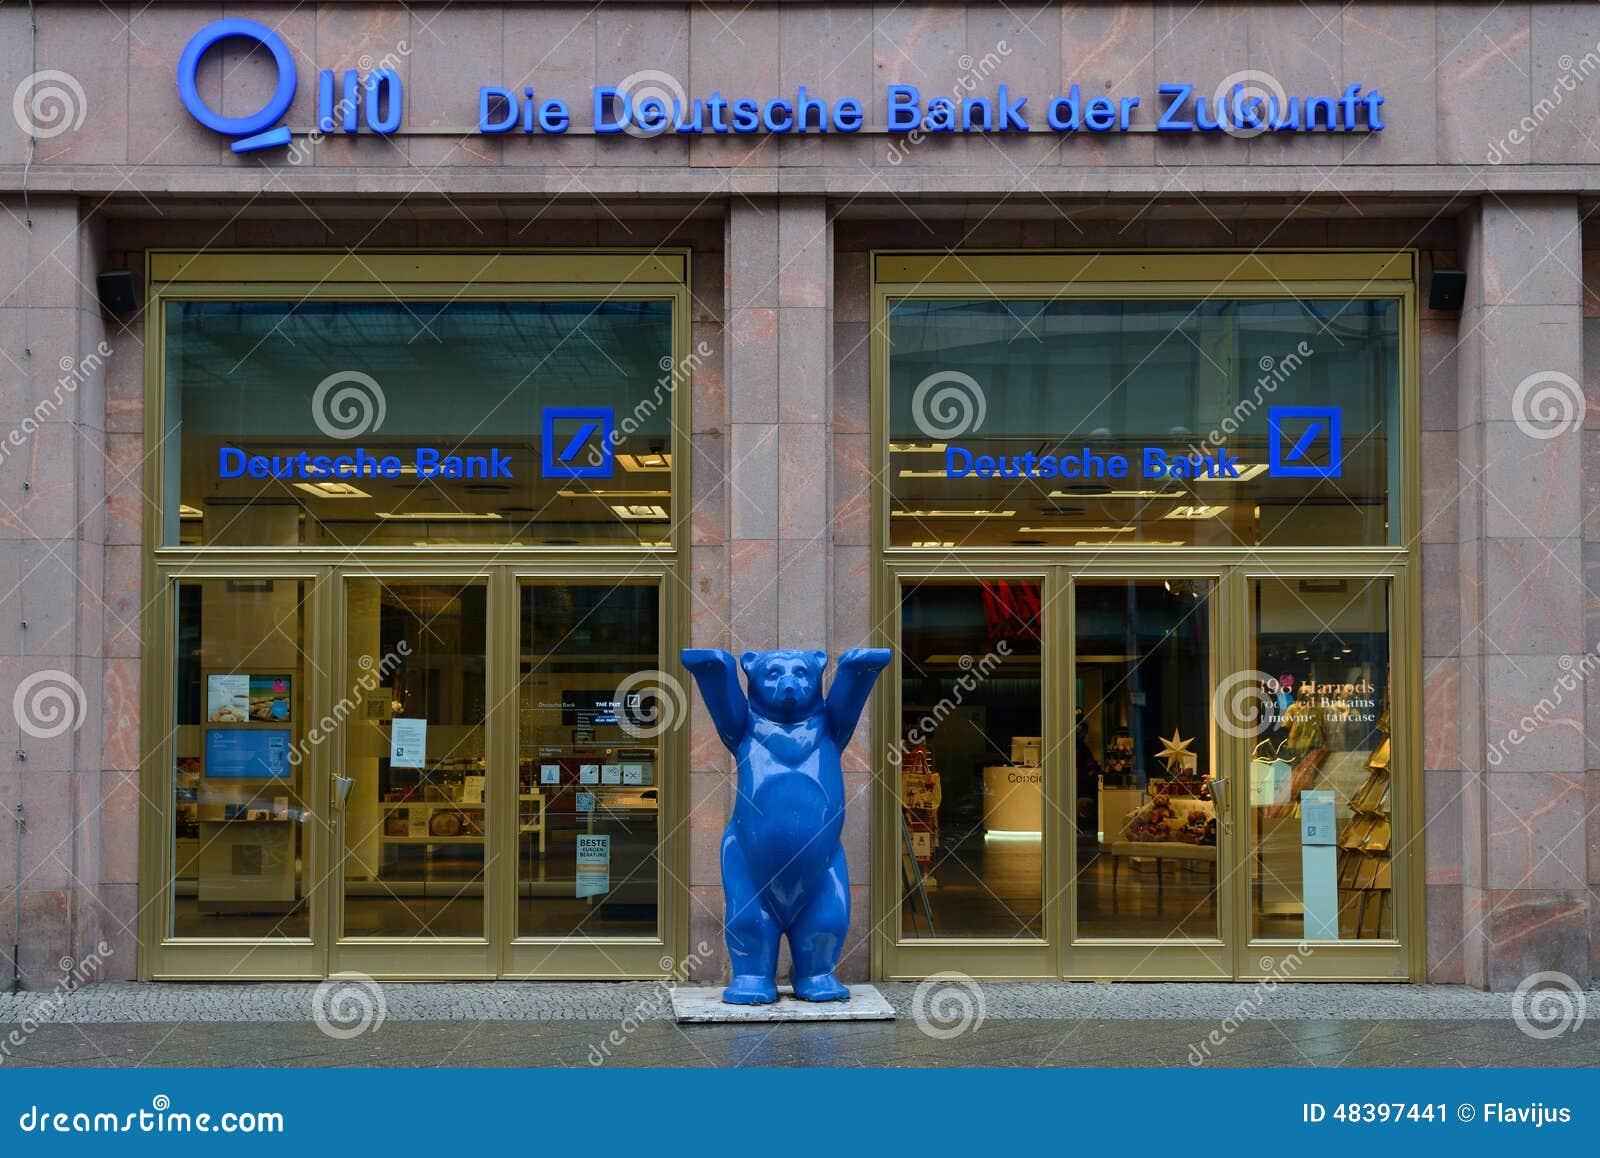 Ufficio In Tedesco : L ufficio tedesco della banca deutsche bank fotografia